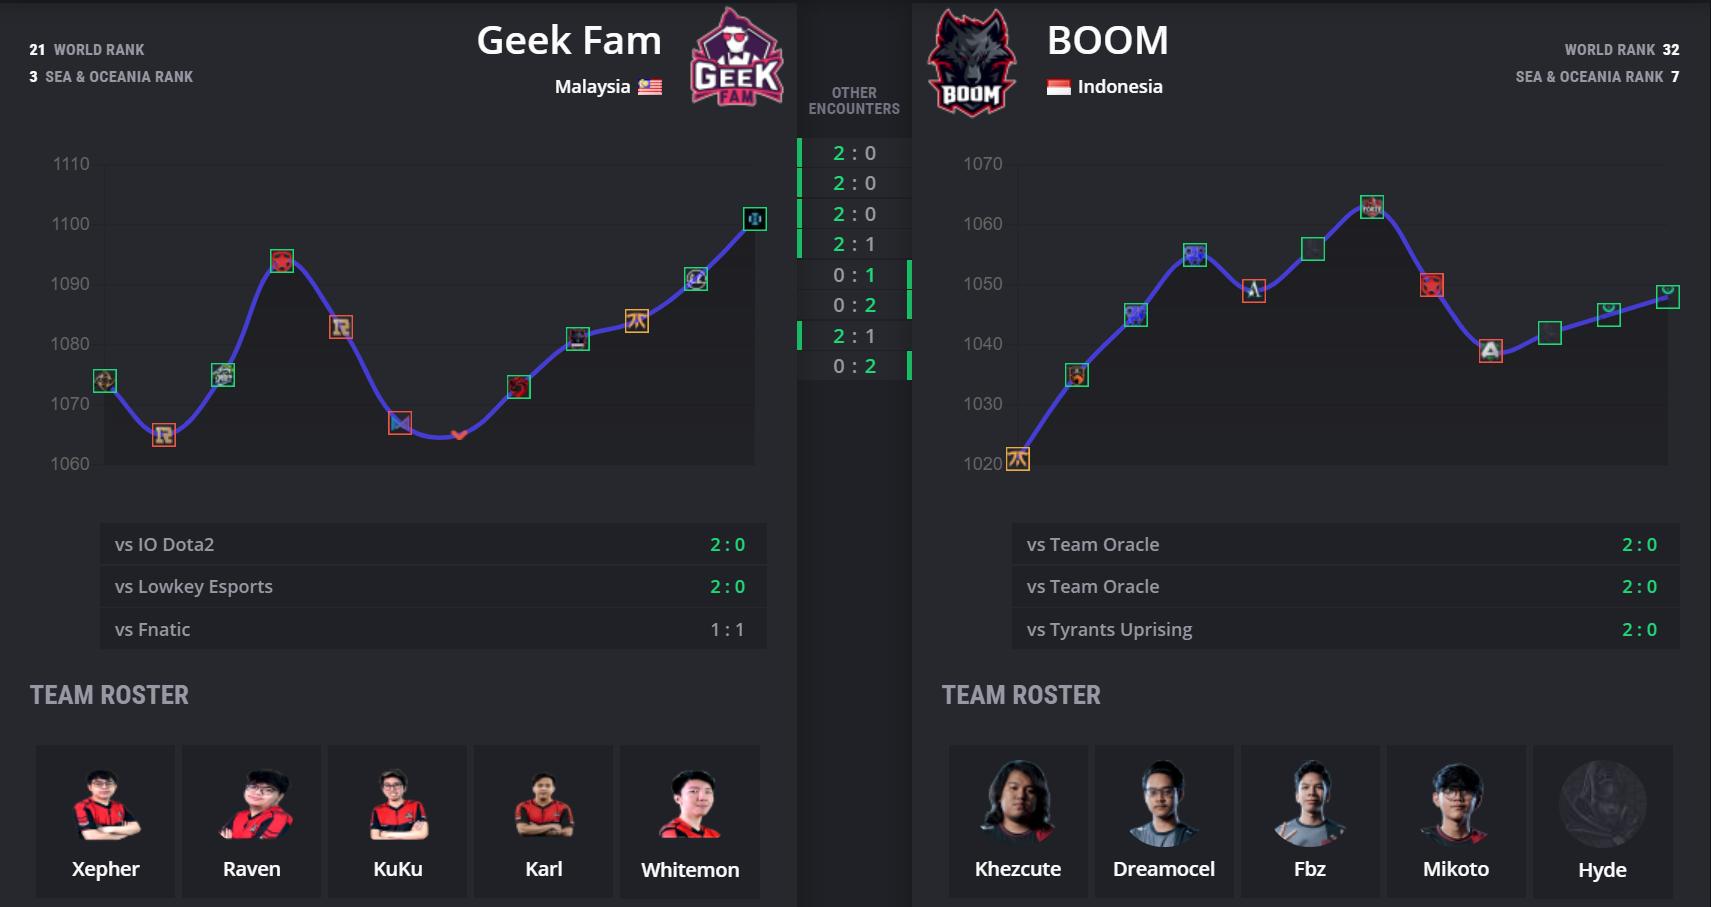 api cdn.gametv.vn 4befb1c208774b4da6a9bd779281066c - WePlay! Charity Save: GeekFam vs Boom Esports - Bữa khai vị trước món chính